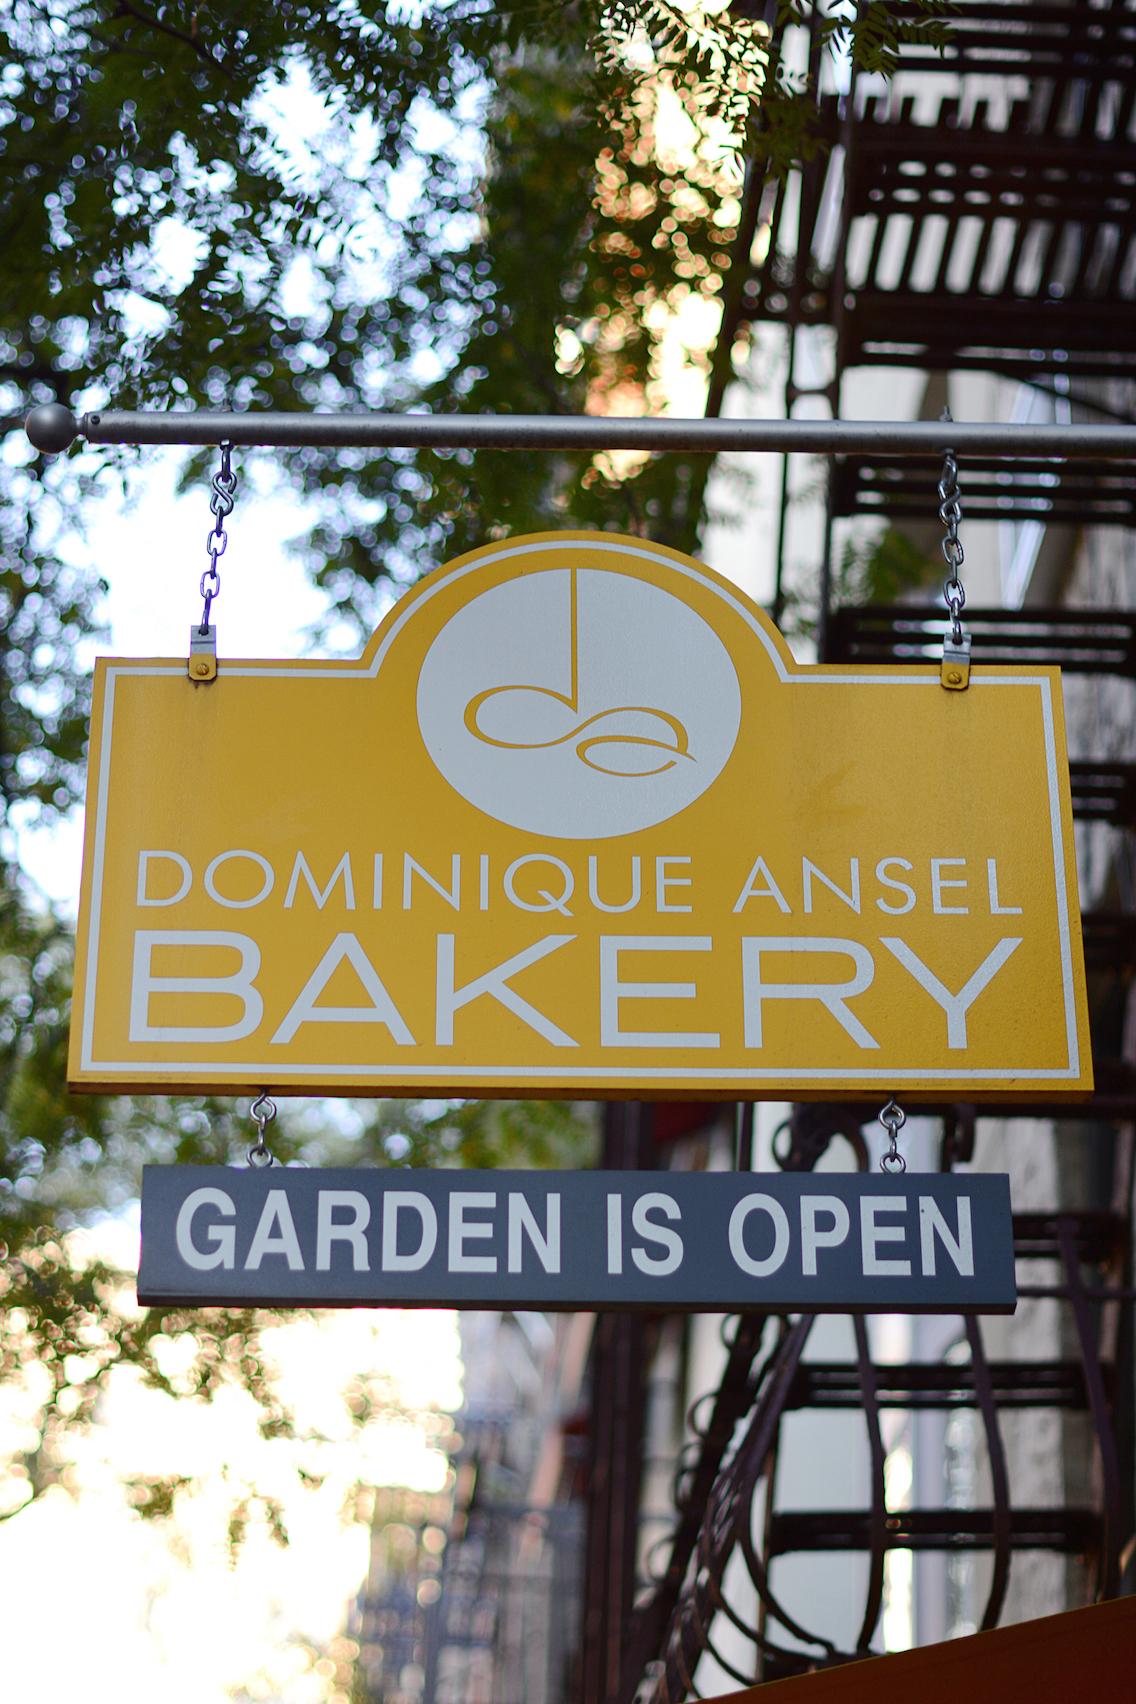 Dominique Ansel Bakery Soho NYC Cronut 1